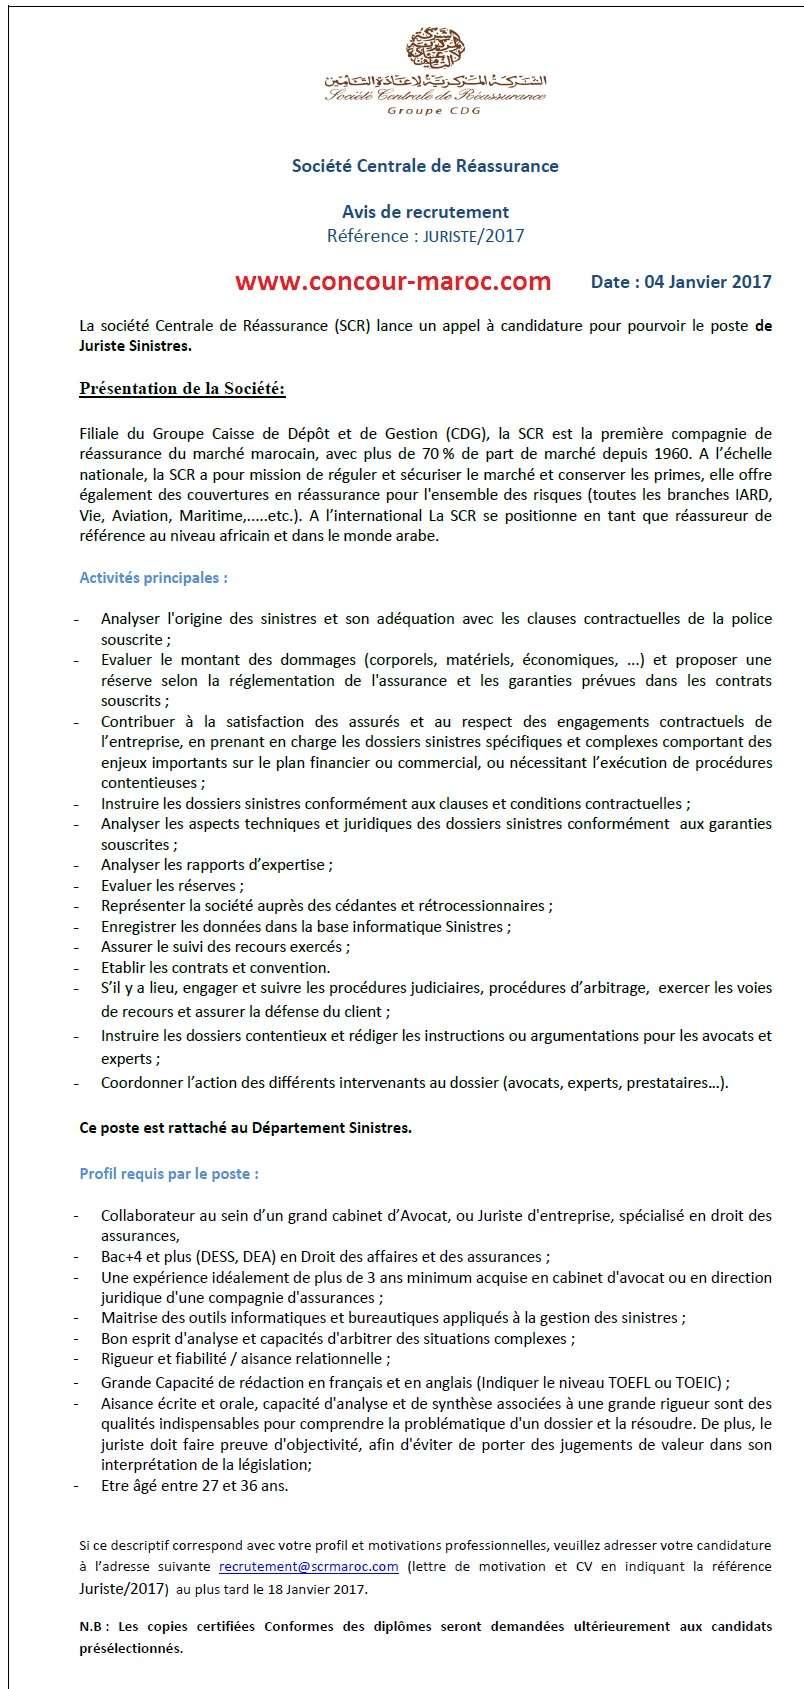 الشركة المركزية لإعادة التأمين : مباراة لتوظيف (بموجب عقد) إطار في القانون (1 منصب) آخر أجل لإيداع الترشيحات 18 يناير 2017 Conco101